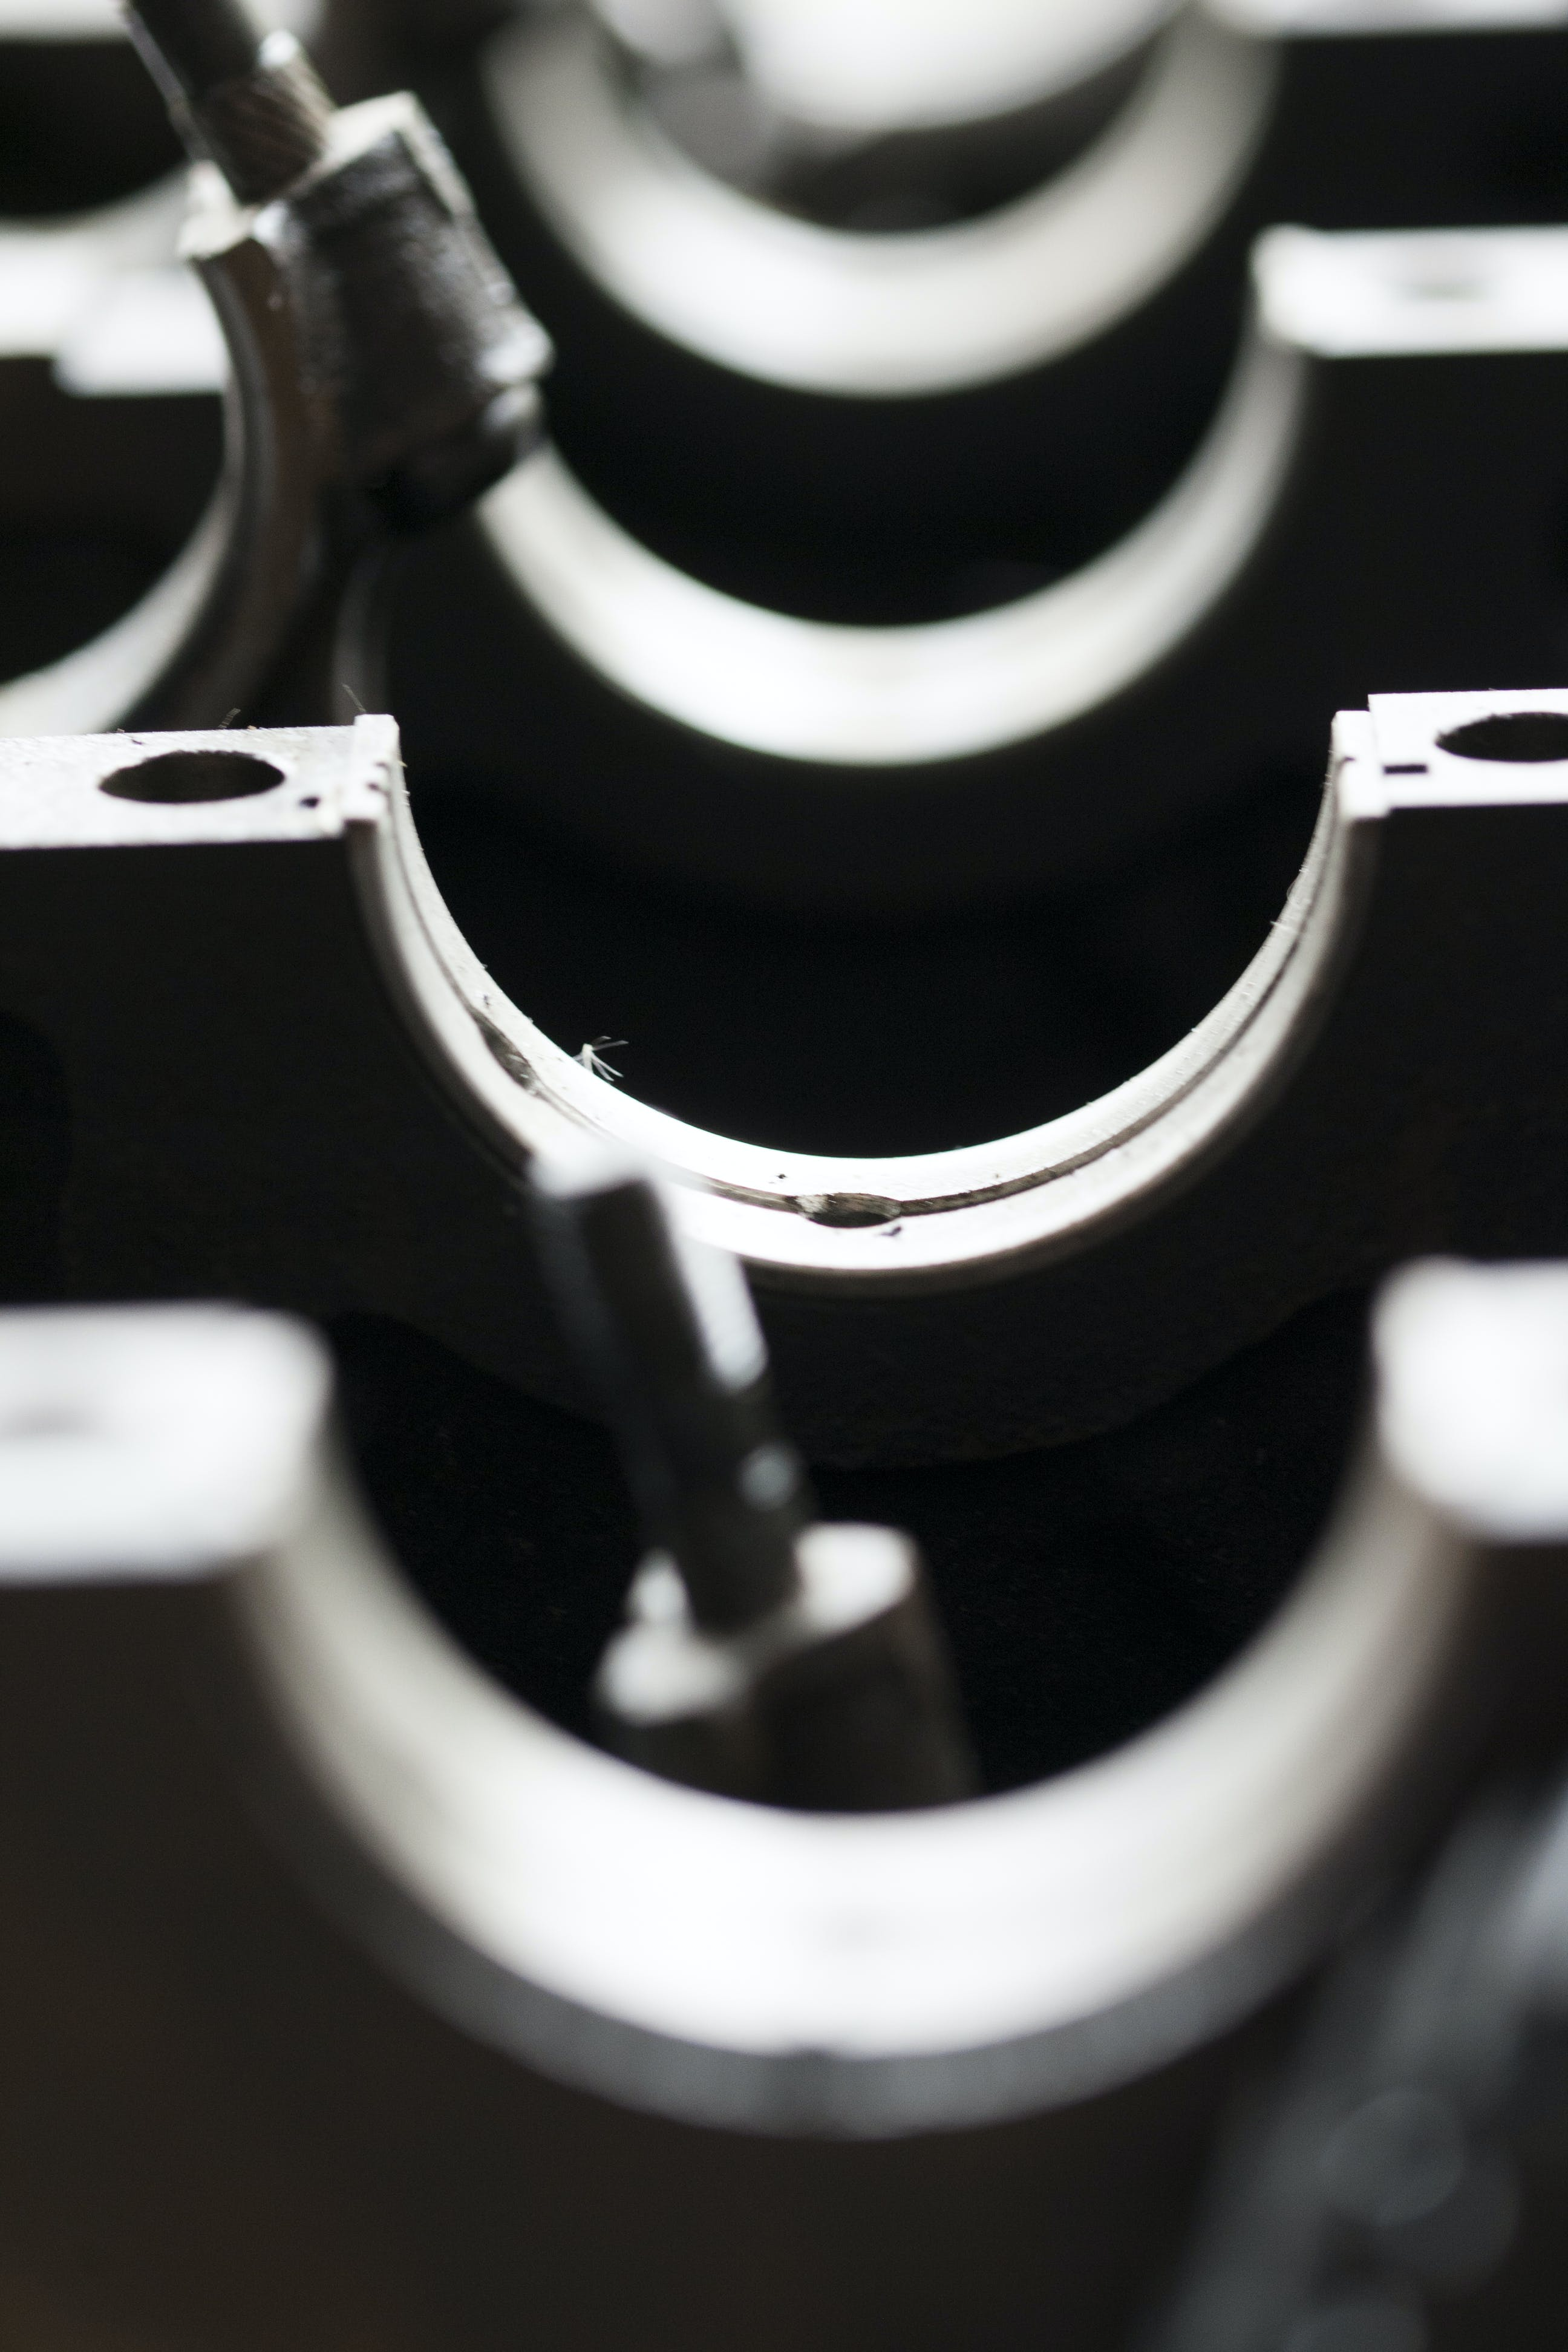 Kostenloses Stock Foto zu auto motor, industrielle maschinen, mechanik, monochromatische